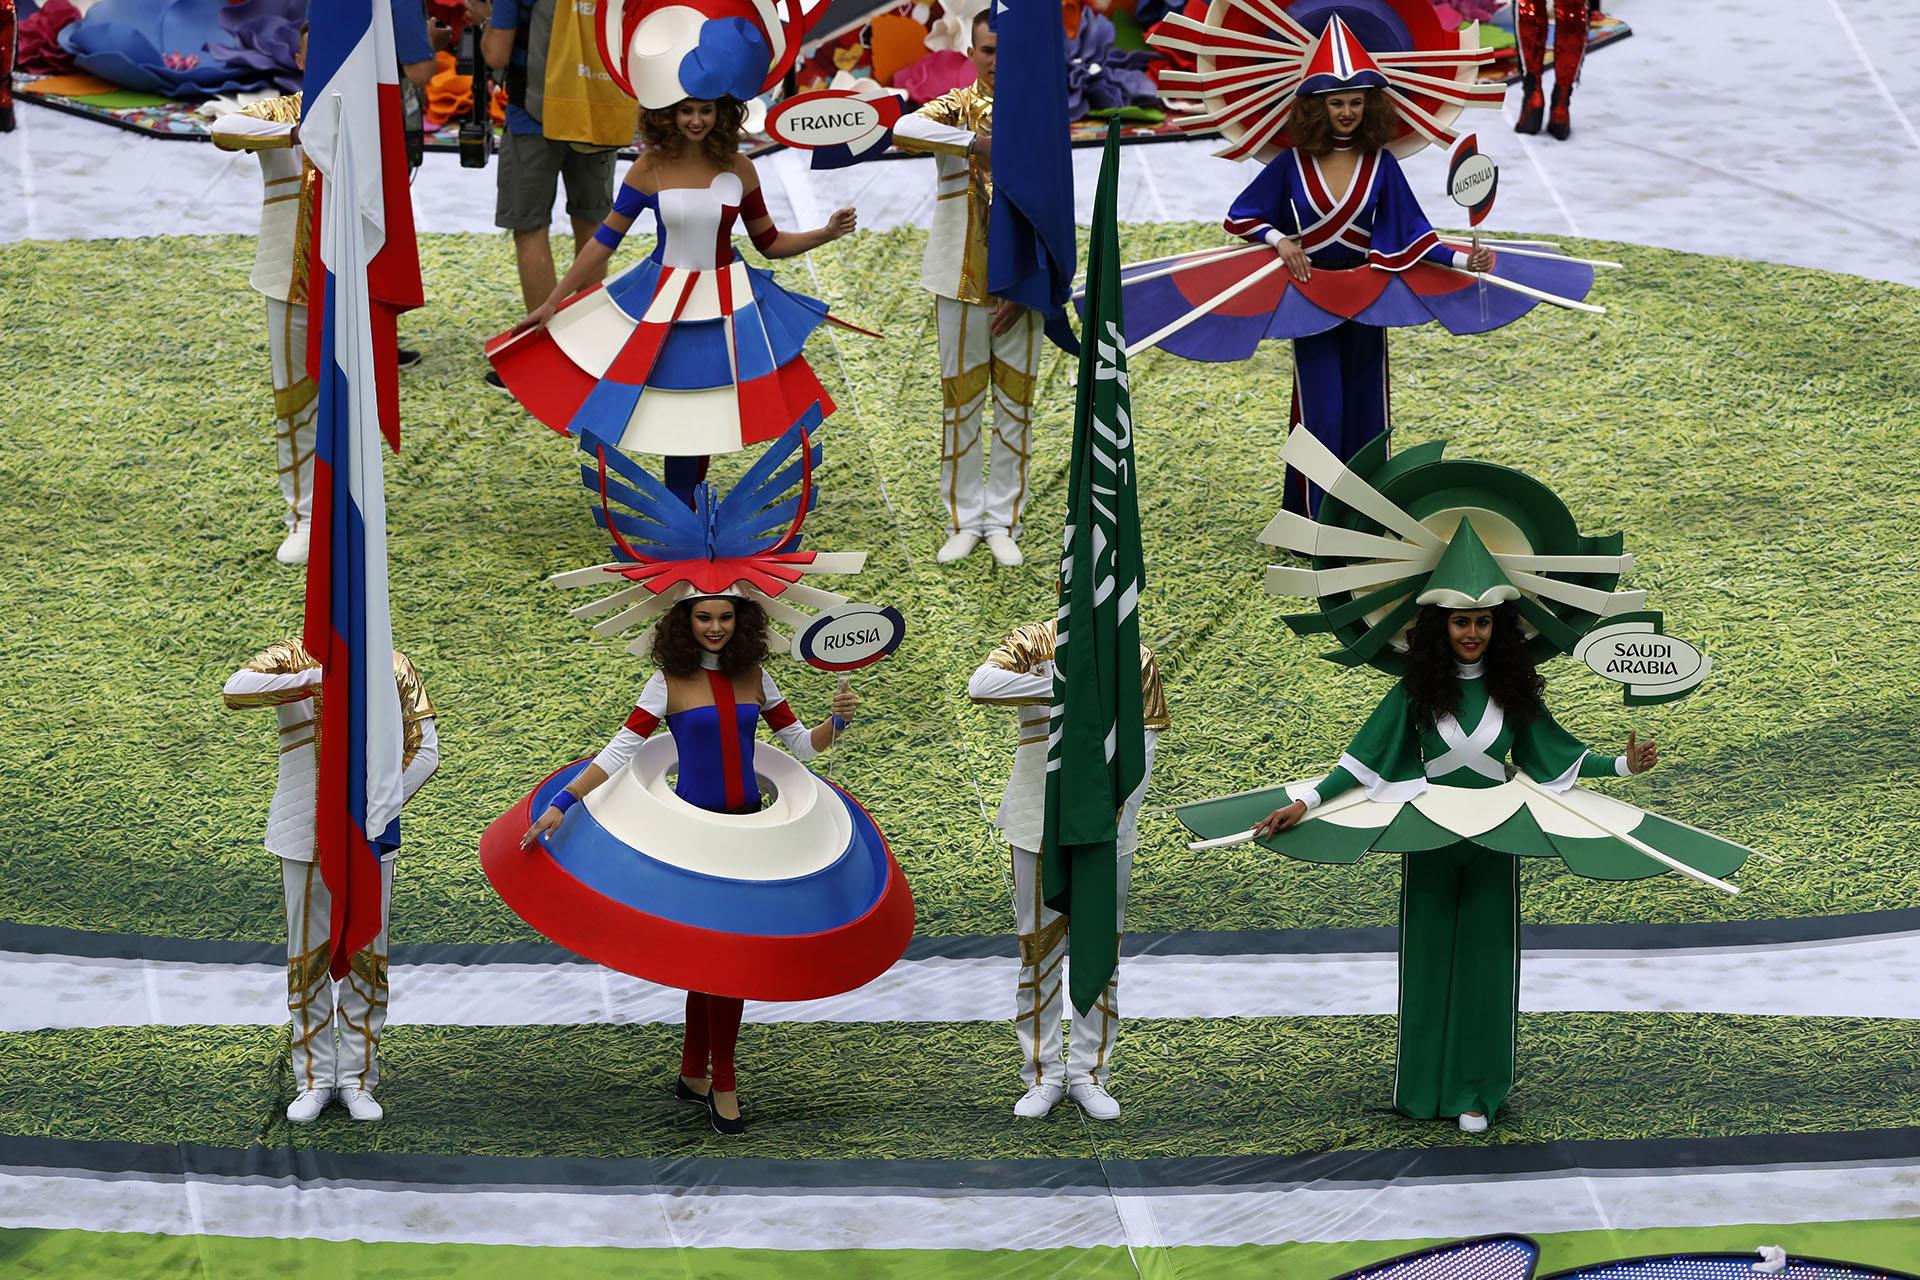 Mientras sonaba la canción de los artistas en escena, desfilaron las banderas de los países participantes(AP Photo/Darko Bandic)